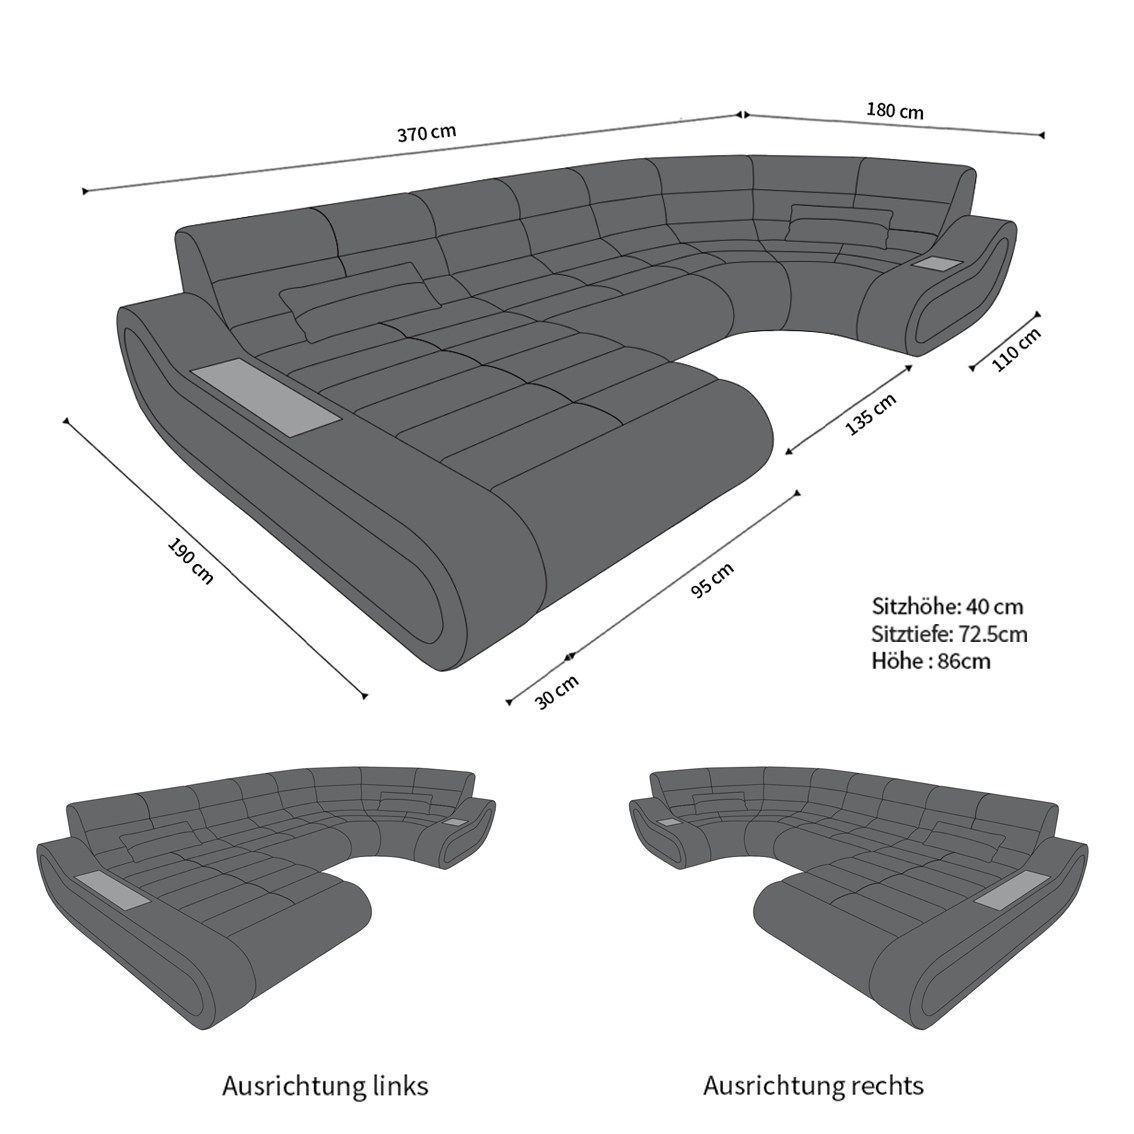 Couch u form maße  Leder Wohnlandschaft Concept in U die moderne Couch mit Beleuchtung